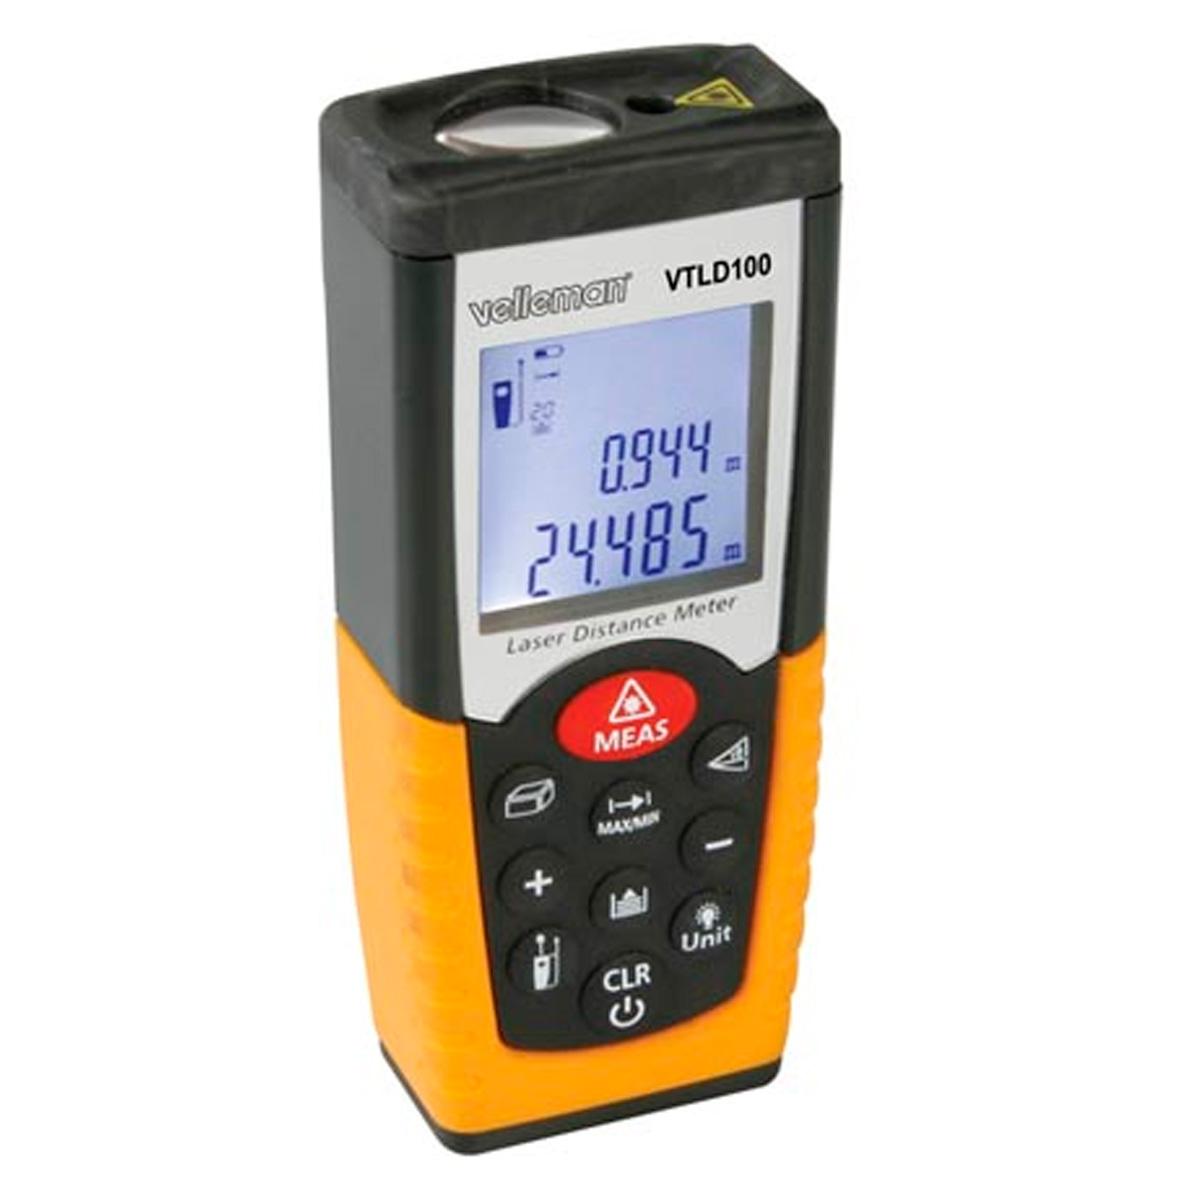 Medidor de distancia con laser de alta precision - Medidor de distancia ...